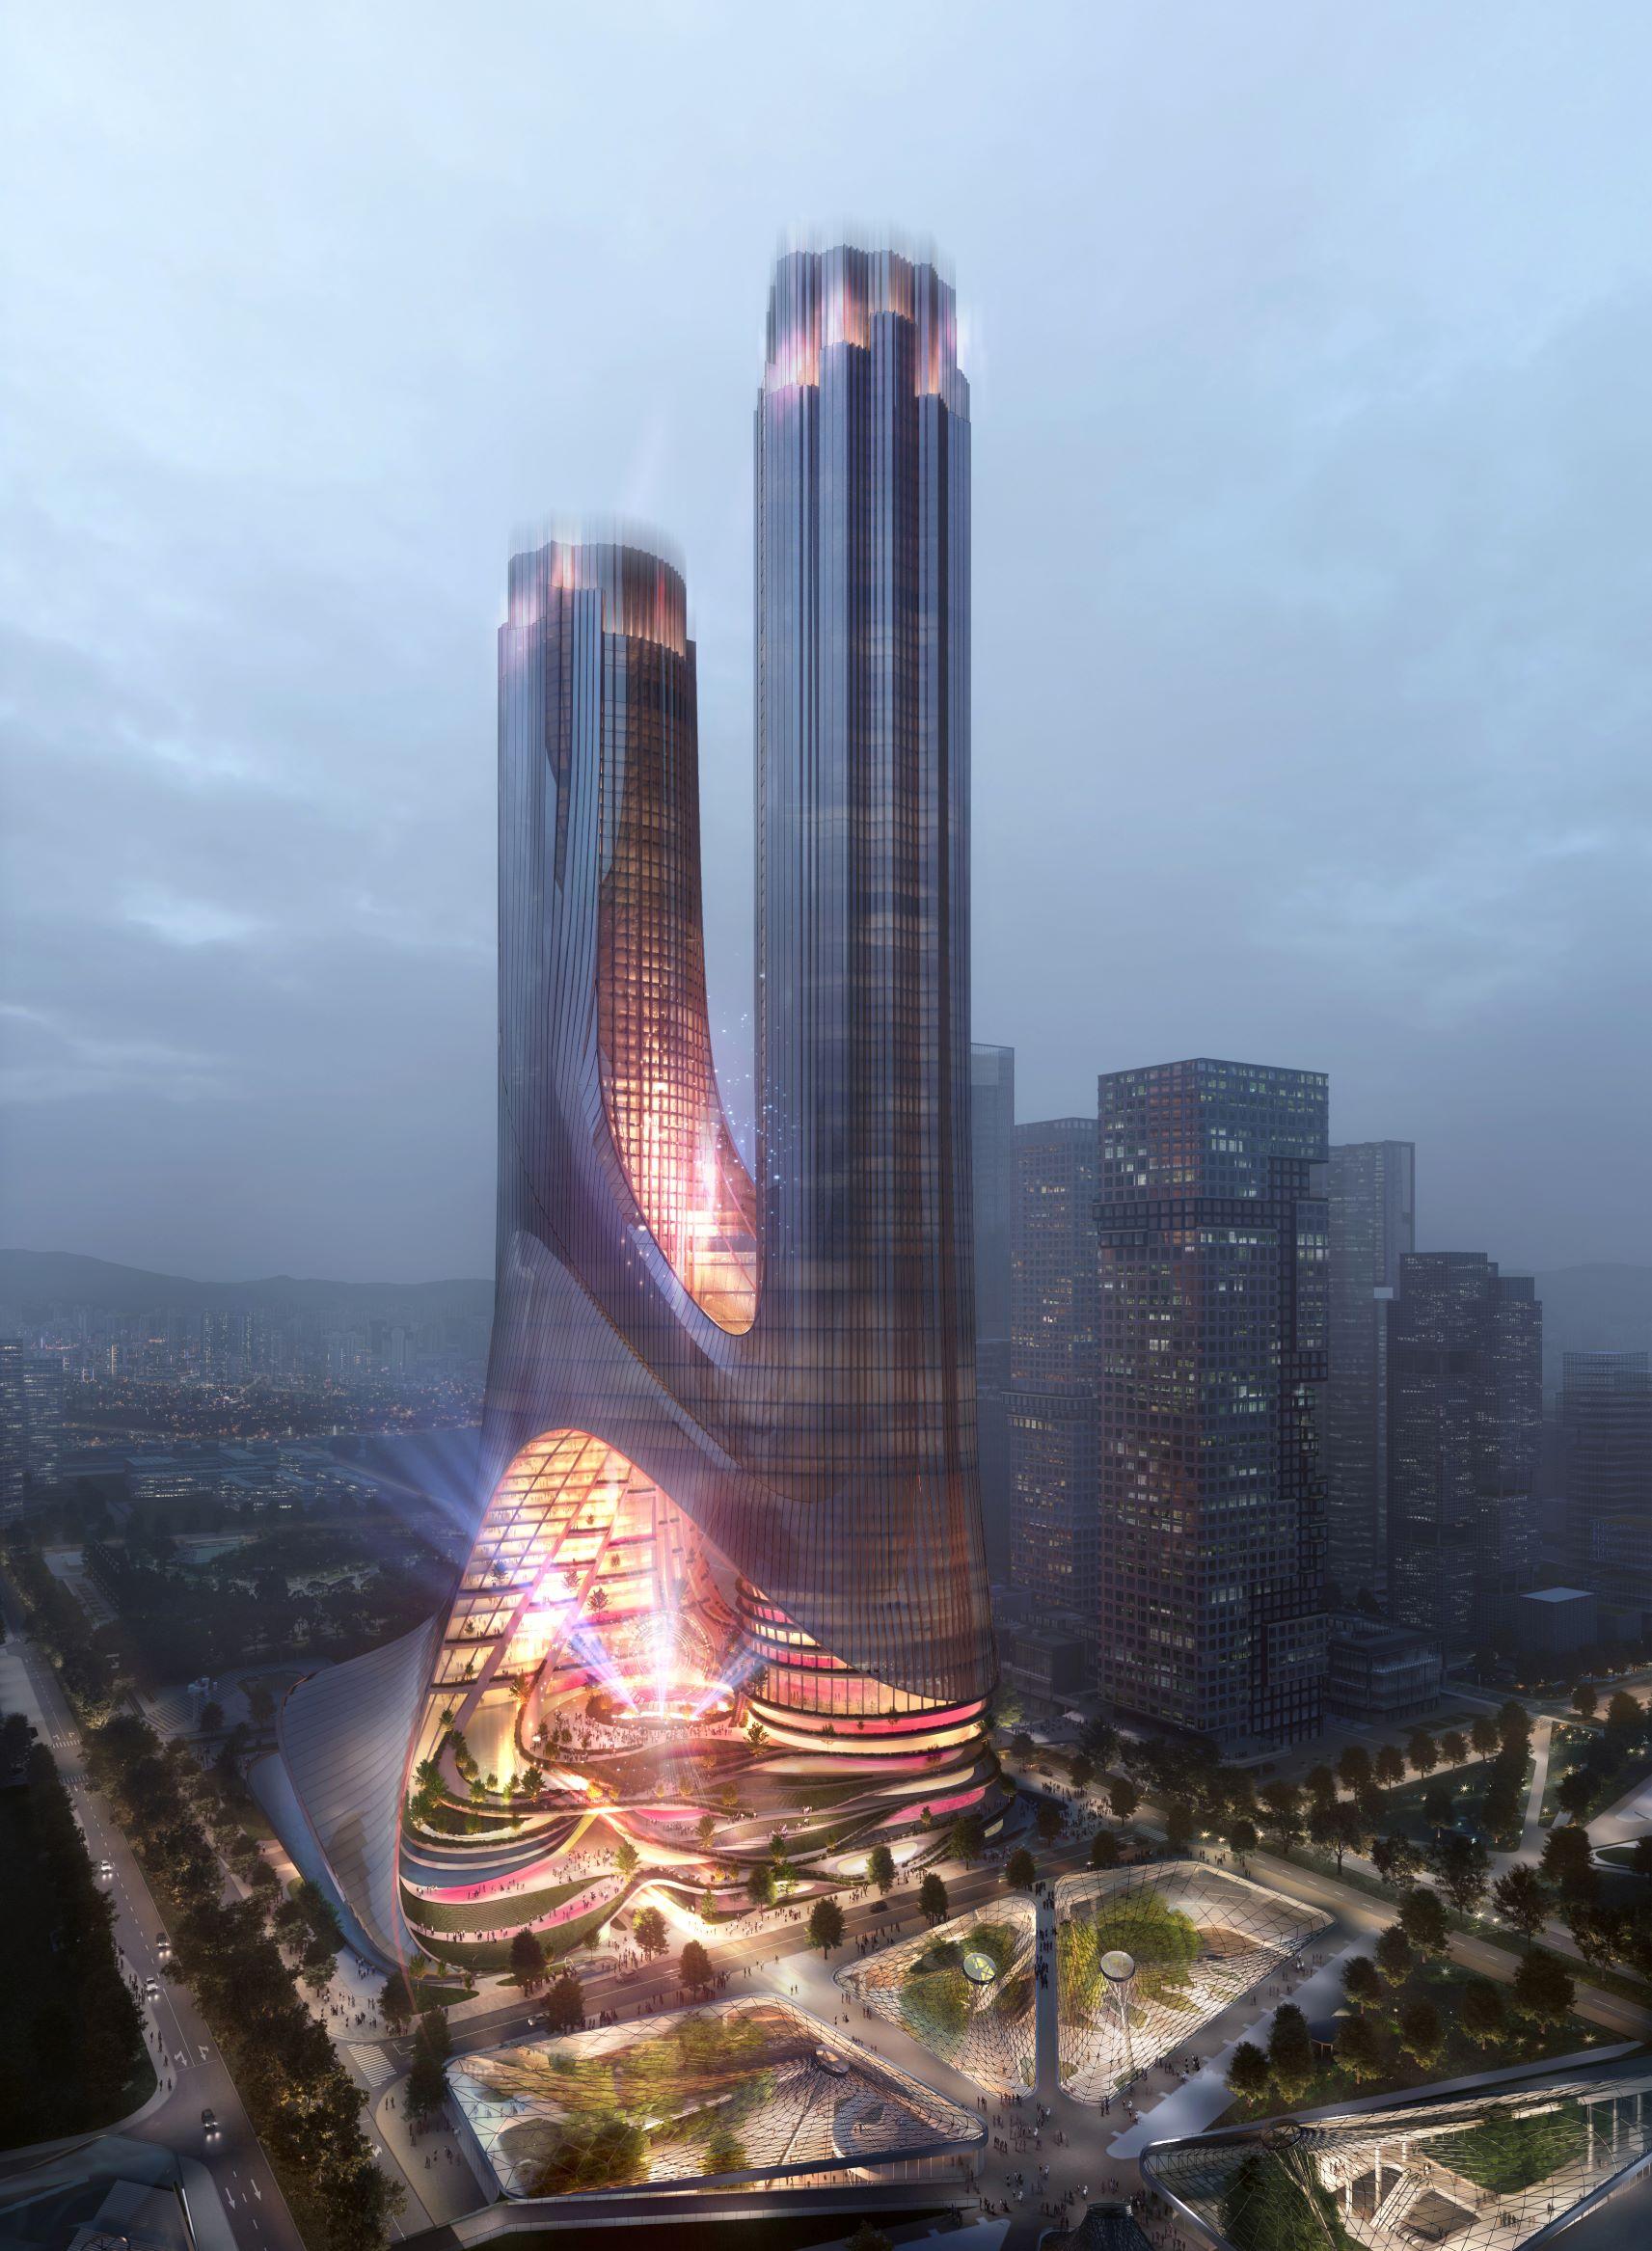 El rascacielos del estudio Zaha Hadid que se construirá en China